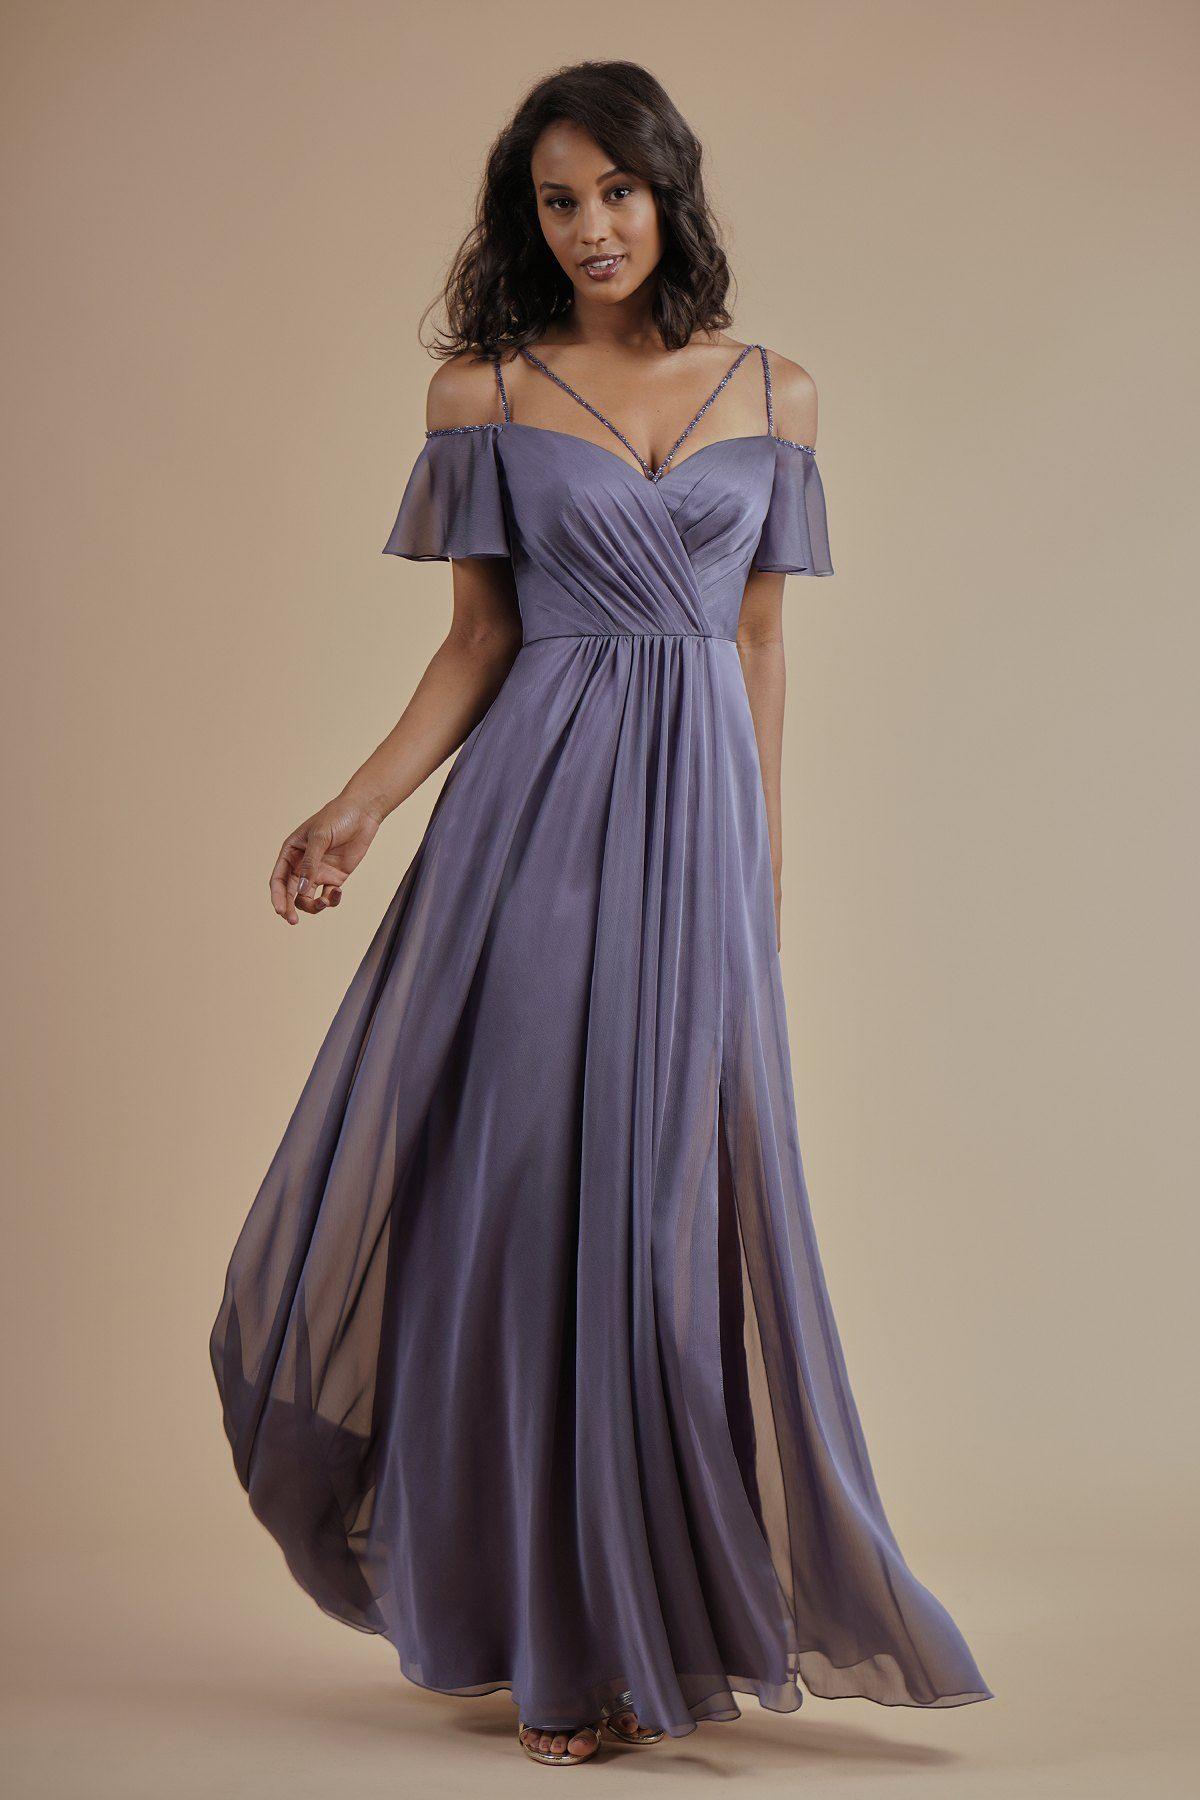 Belsoie Dress Style L214002 Curvy Bridesmaid Dresses Belsoie Bridesmaid Dress Bridesmaid Dresses Plus Size